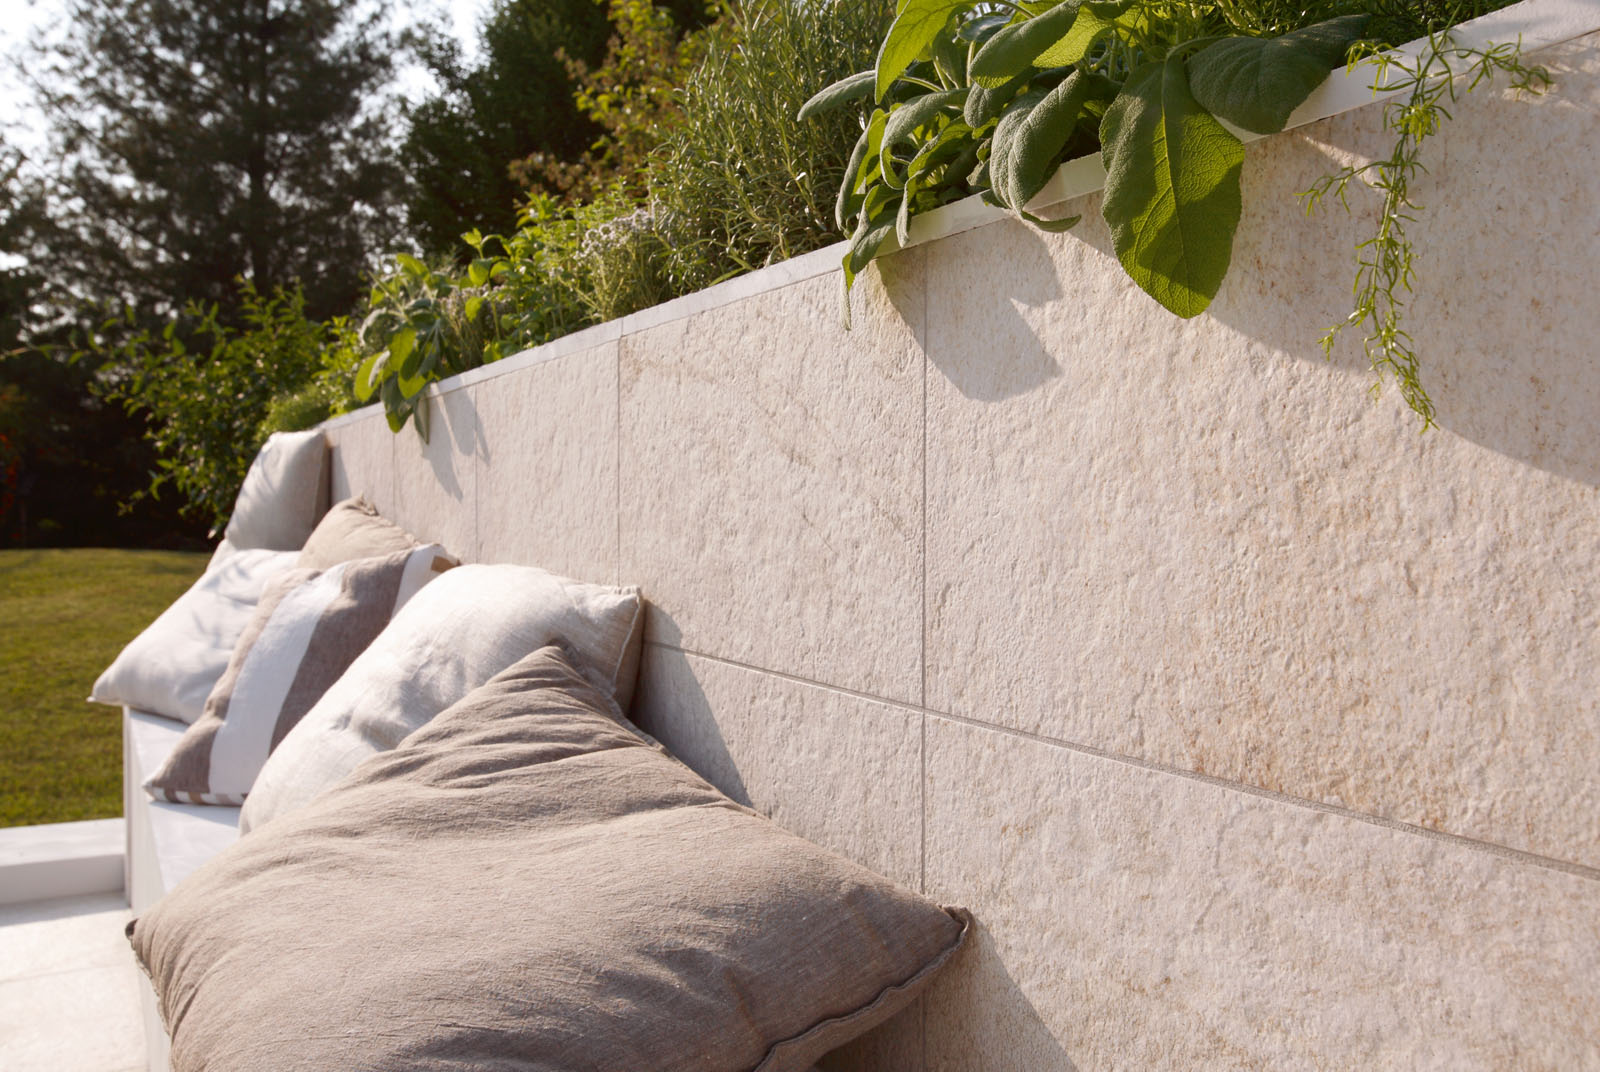 Pavimenti per esterni piastrelle gres porcellanato marazzi - Come piastrellare un muro esterno ...